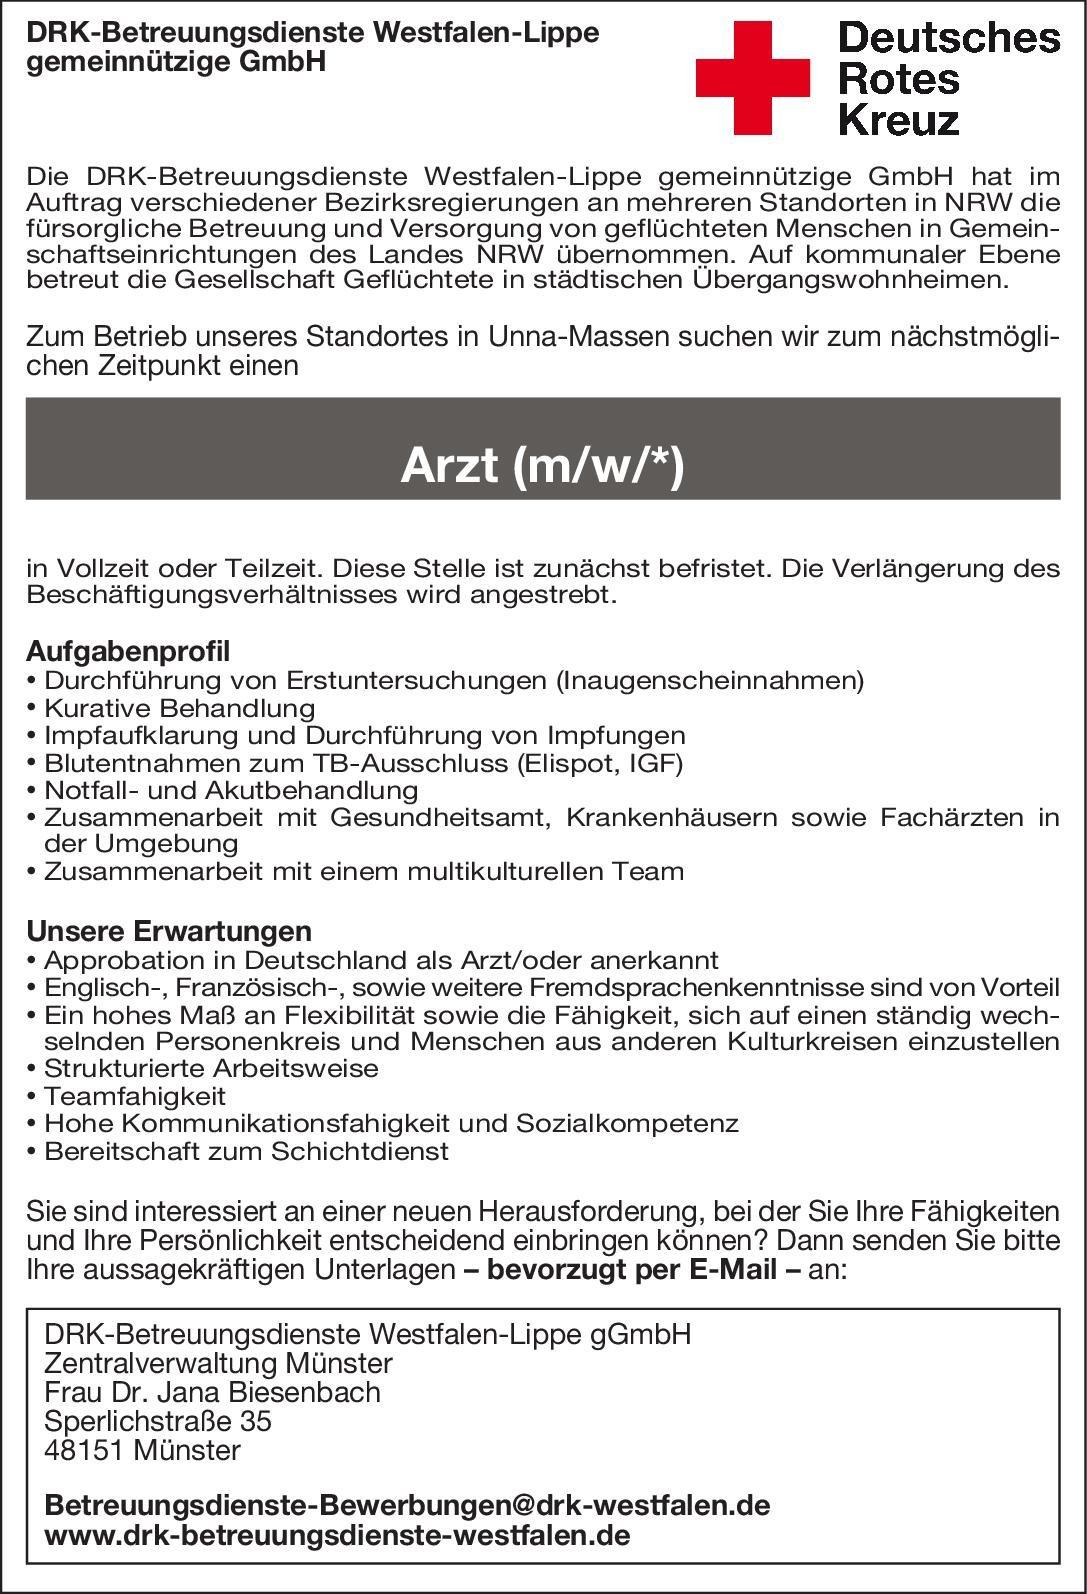 DRK-Betreuungsdienste Westfalen-Lippe gGmbH Arzt (m/w/*) * ohne Gebiete Arzt / Facharzt